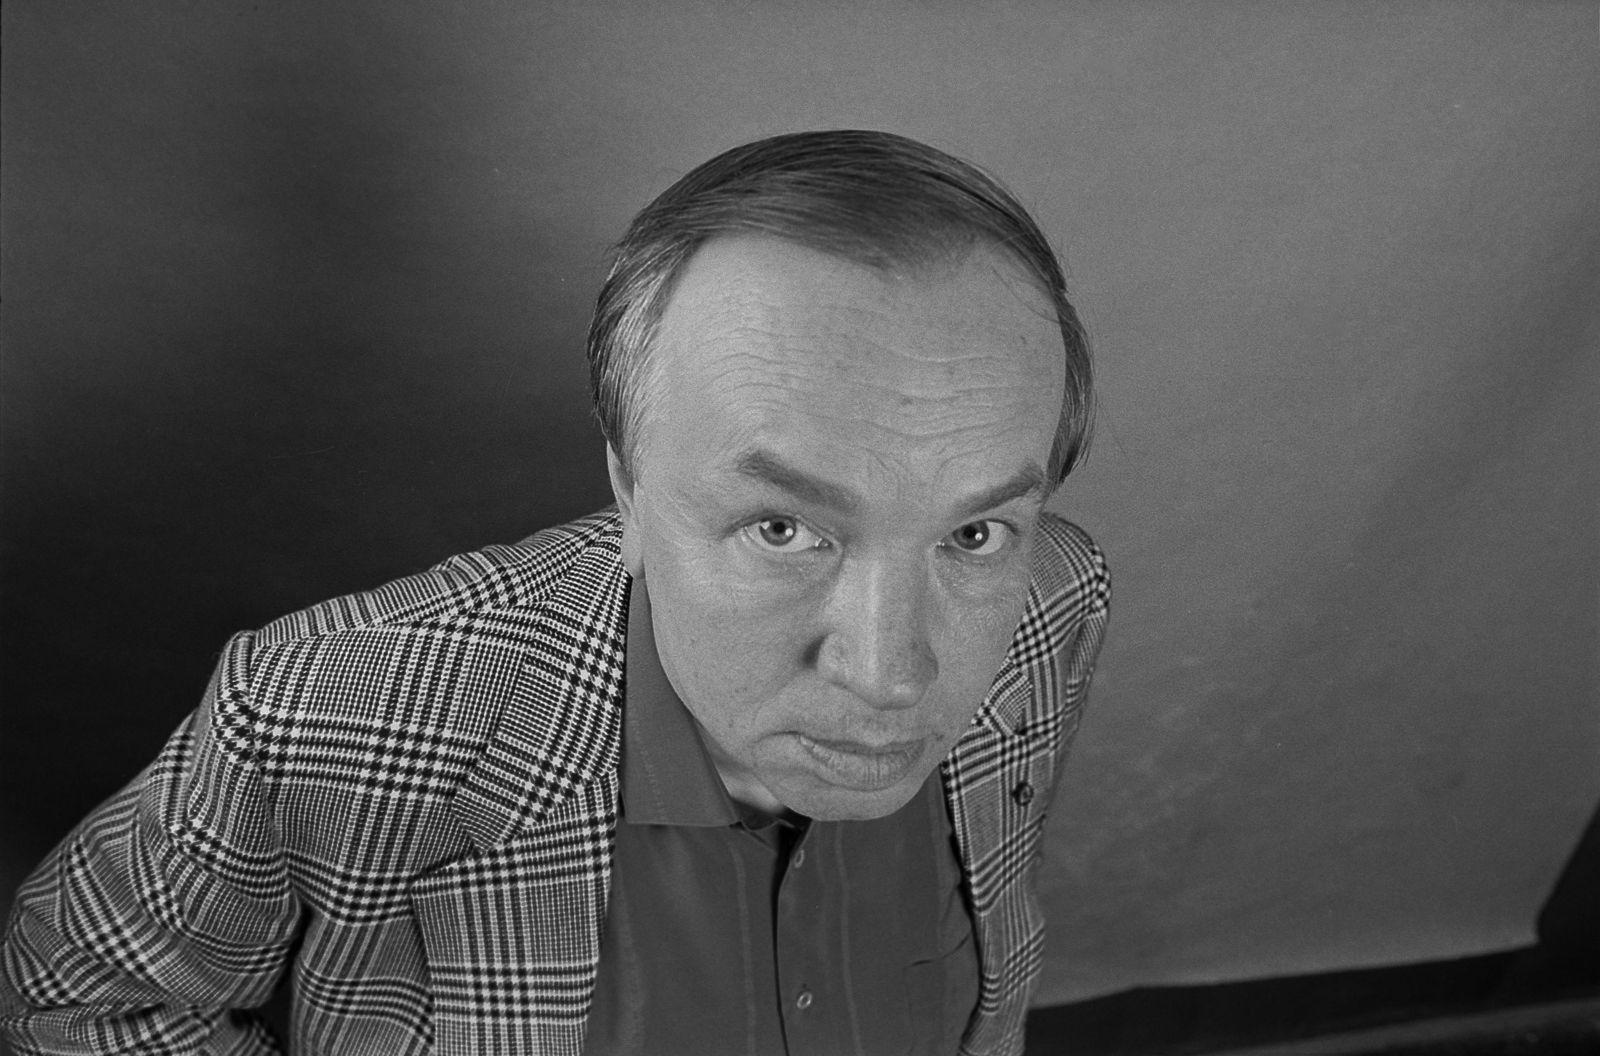 Сергей Борисов. portrait. андрей вознесенский1985